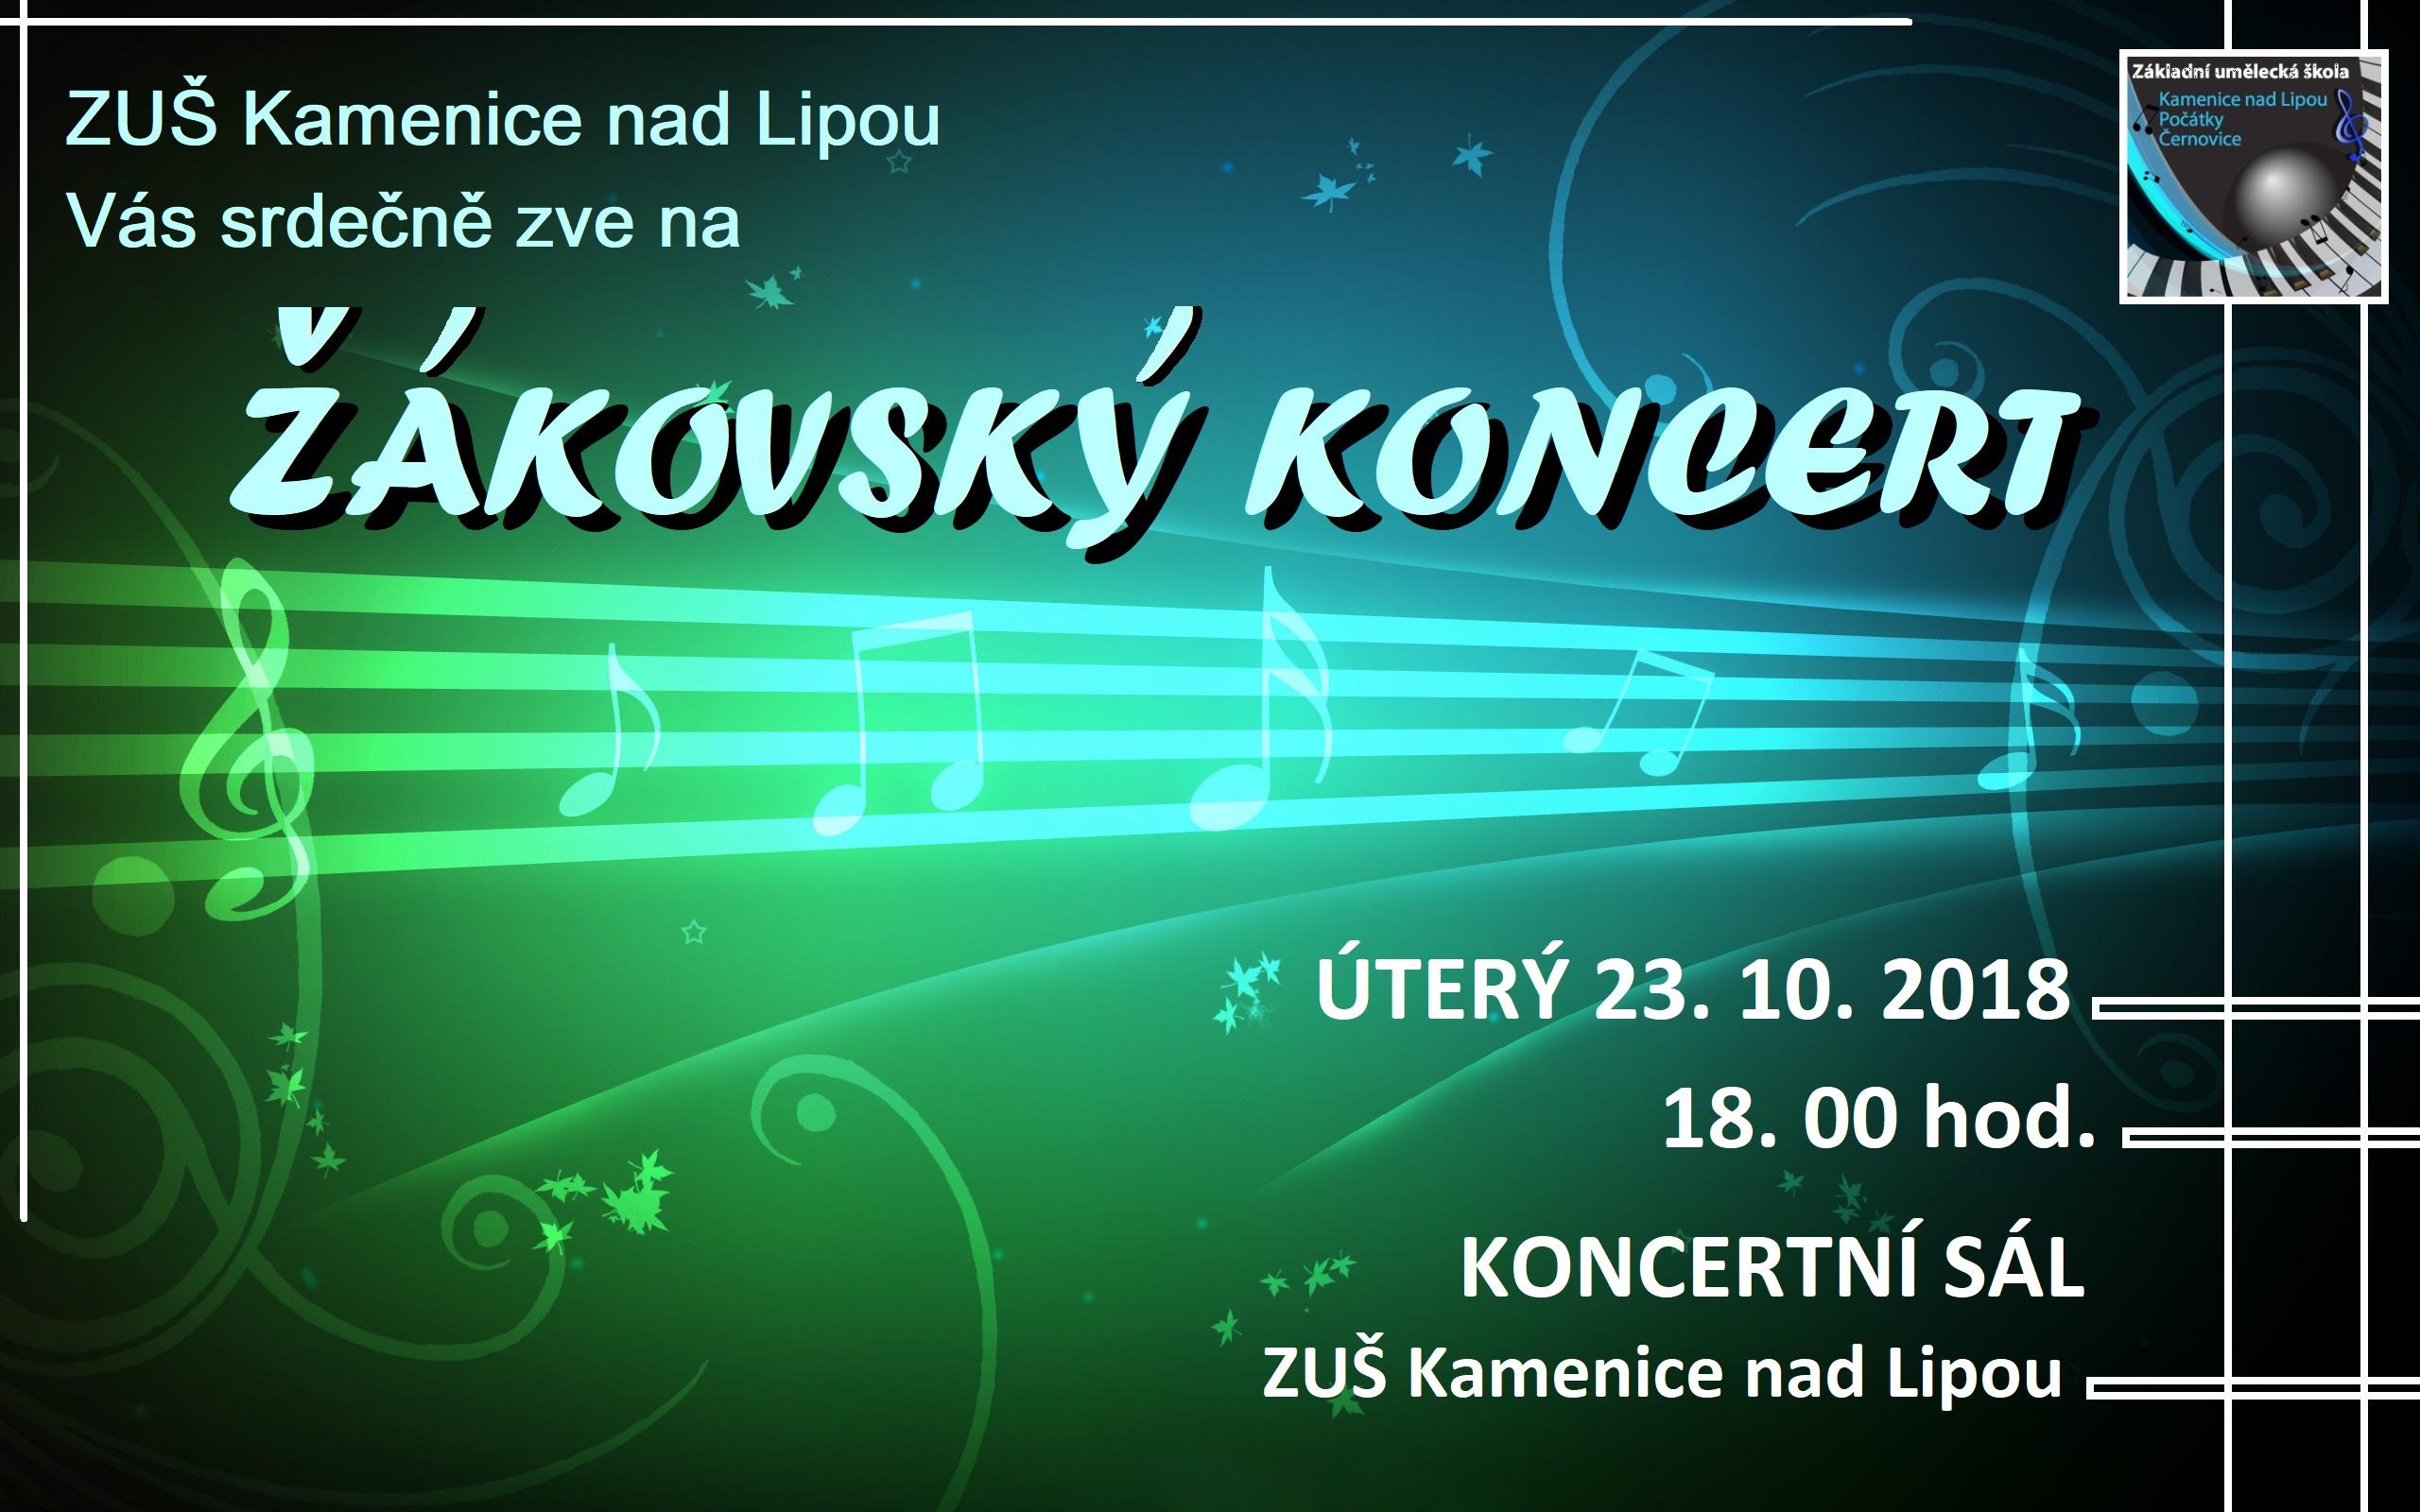 23. 10. 2018 - ŽÁKOVSKÝ KONCERT KAMENICE NAD LIPOU